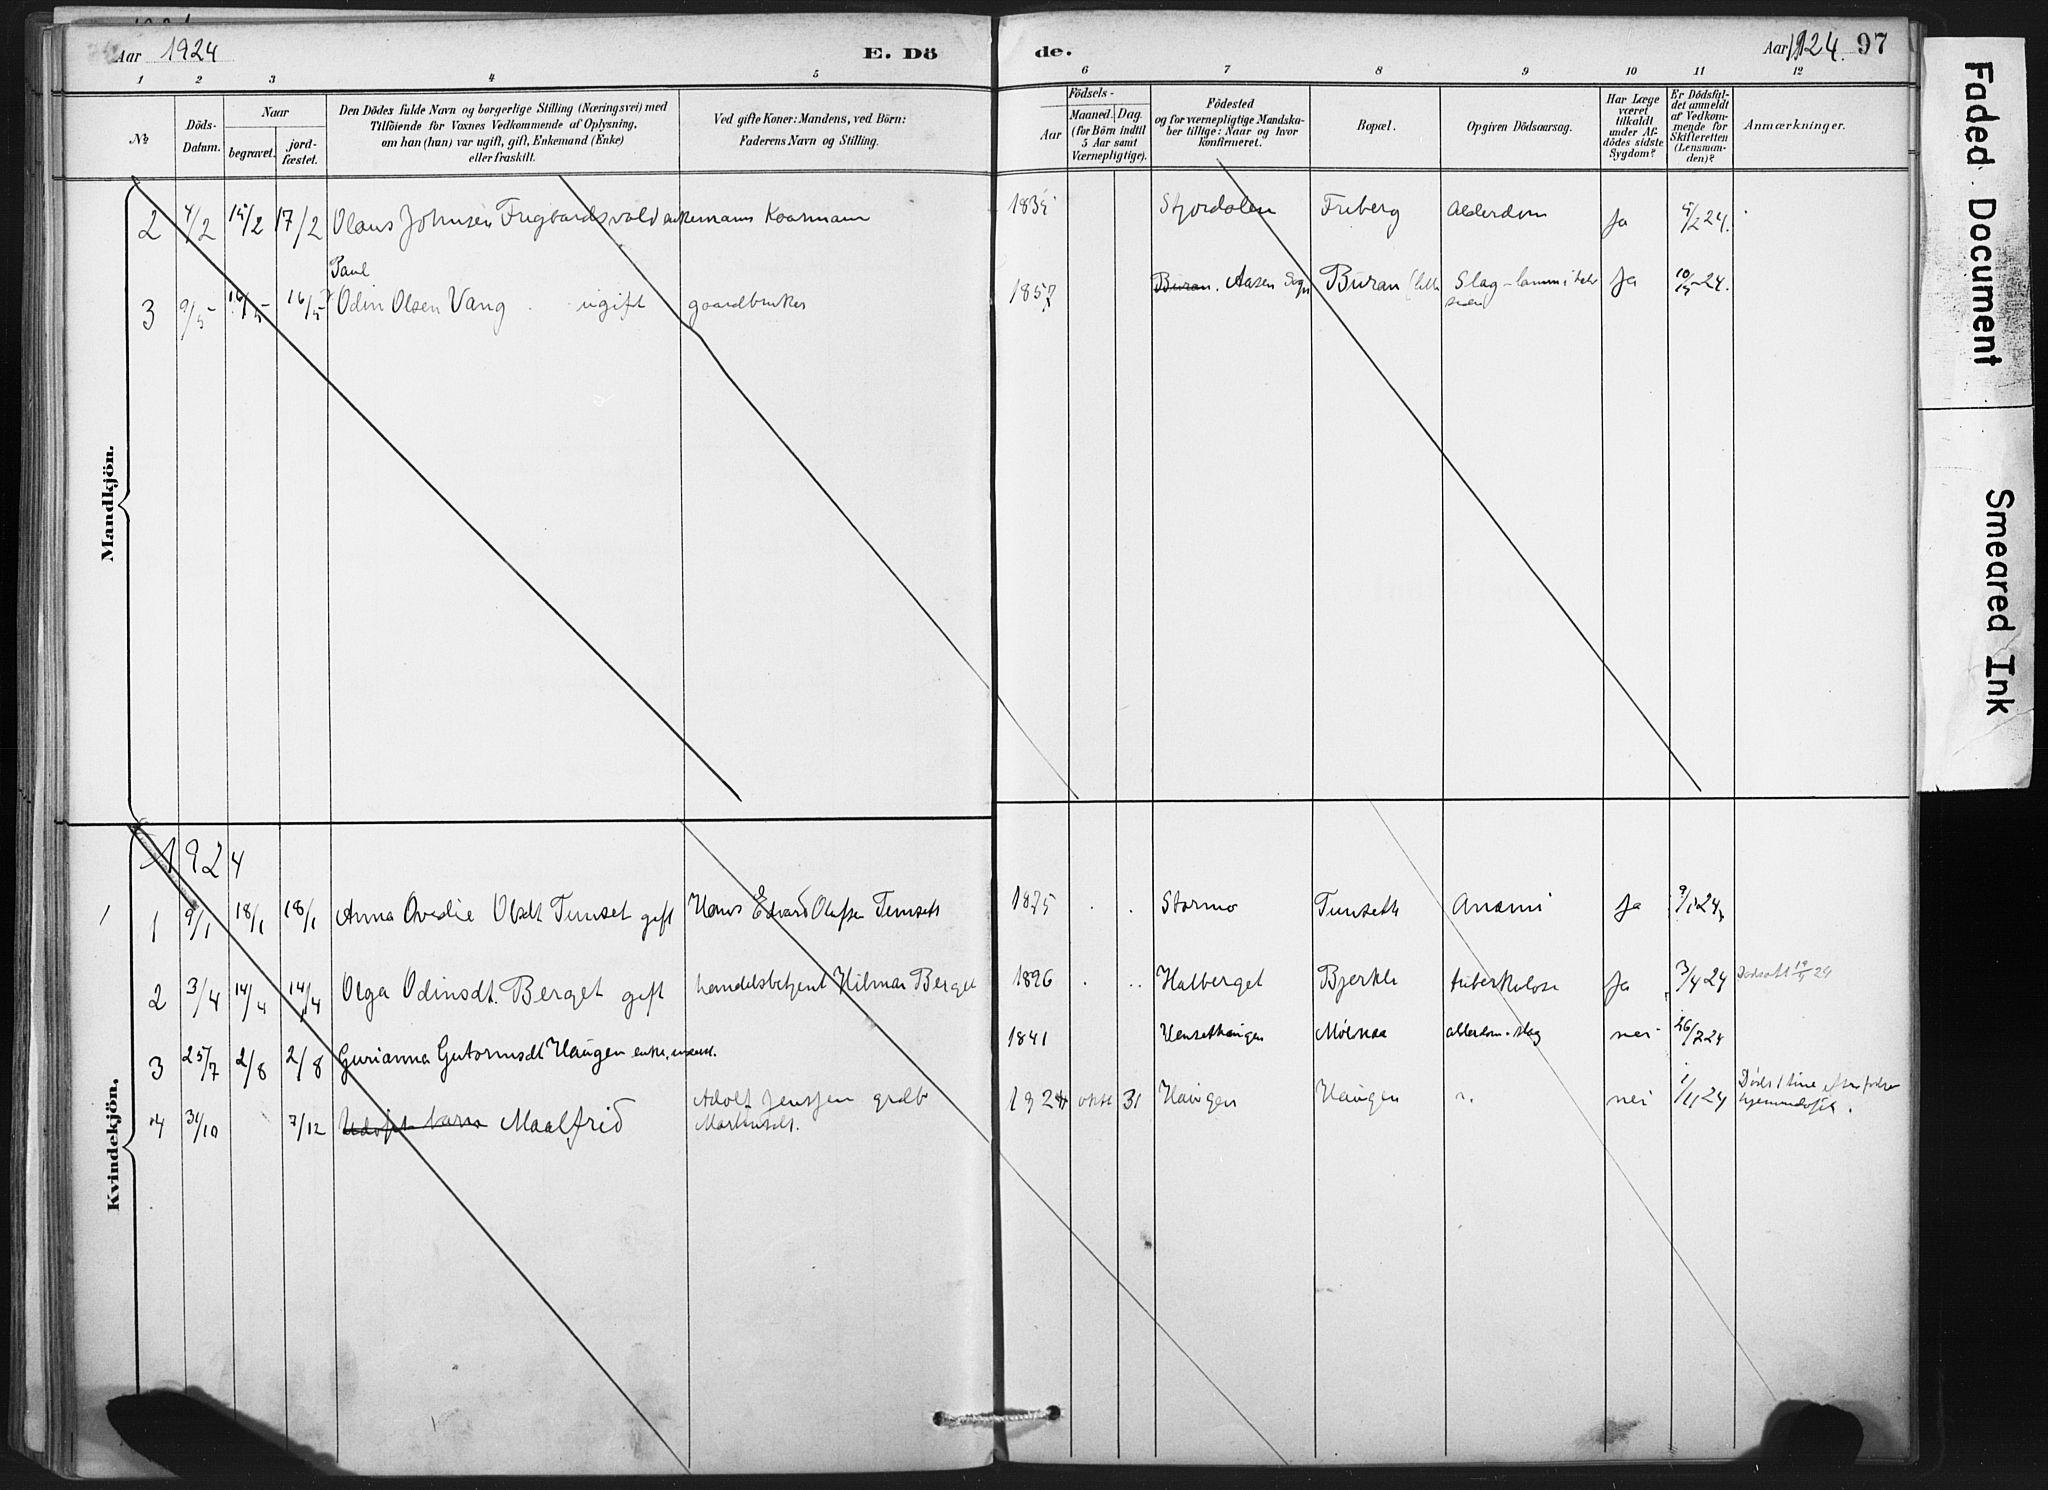 SAT, Ministerialprotokoller, klokkerbøker og fødselsregistre - Nord-Trøndelag, 718/L0175: Ministerialbok nr. 718A01, 1890-1923, s. 97